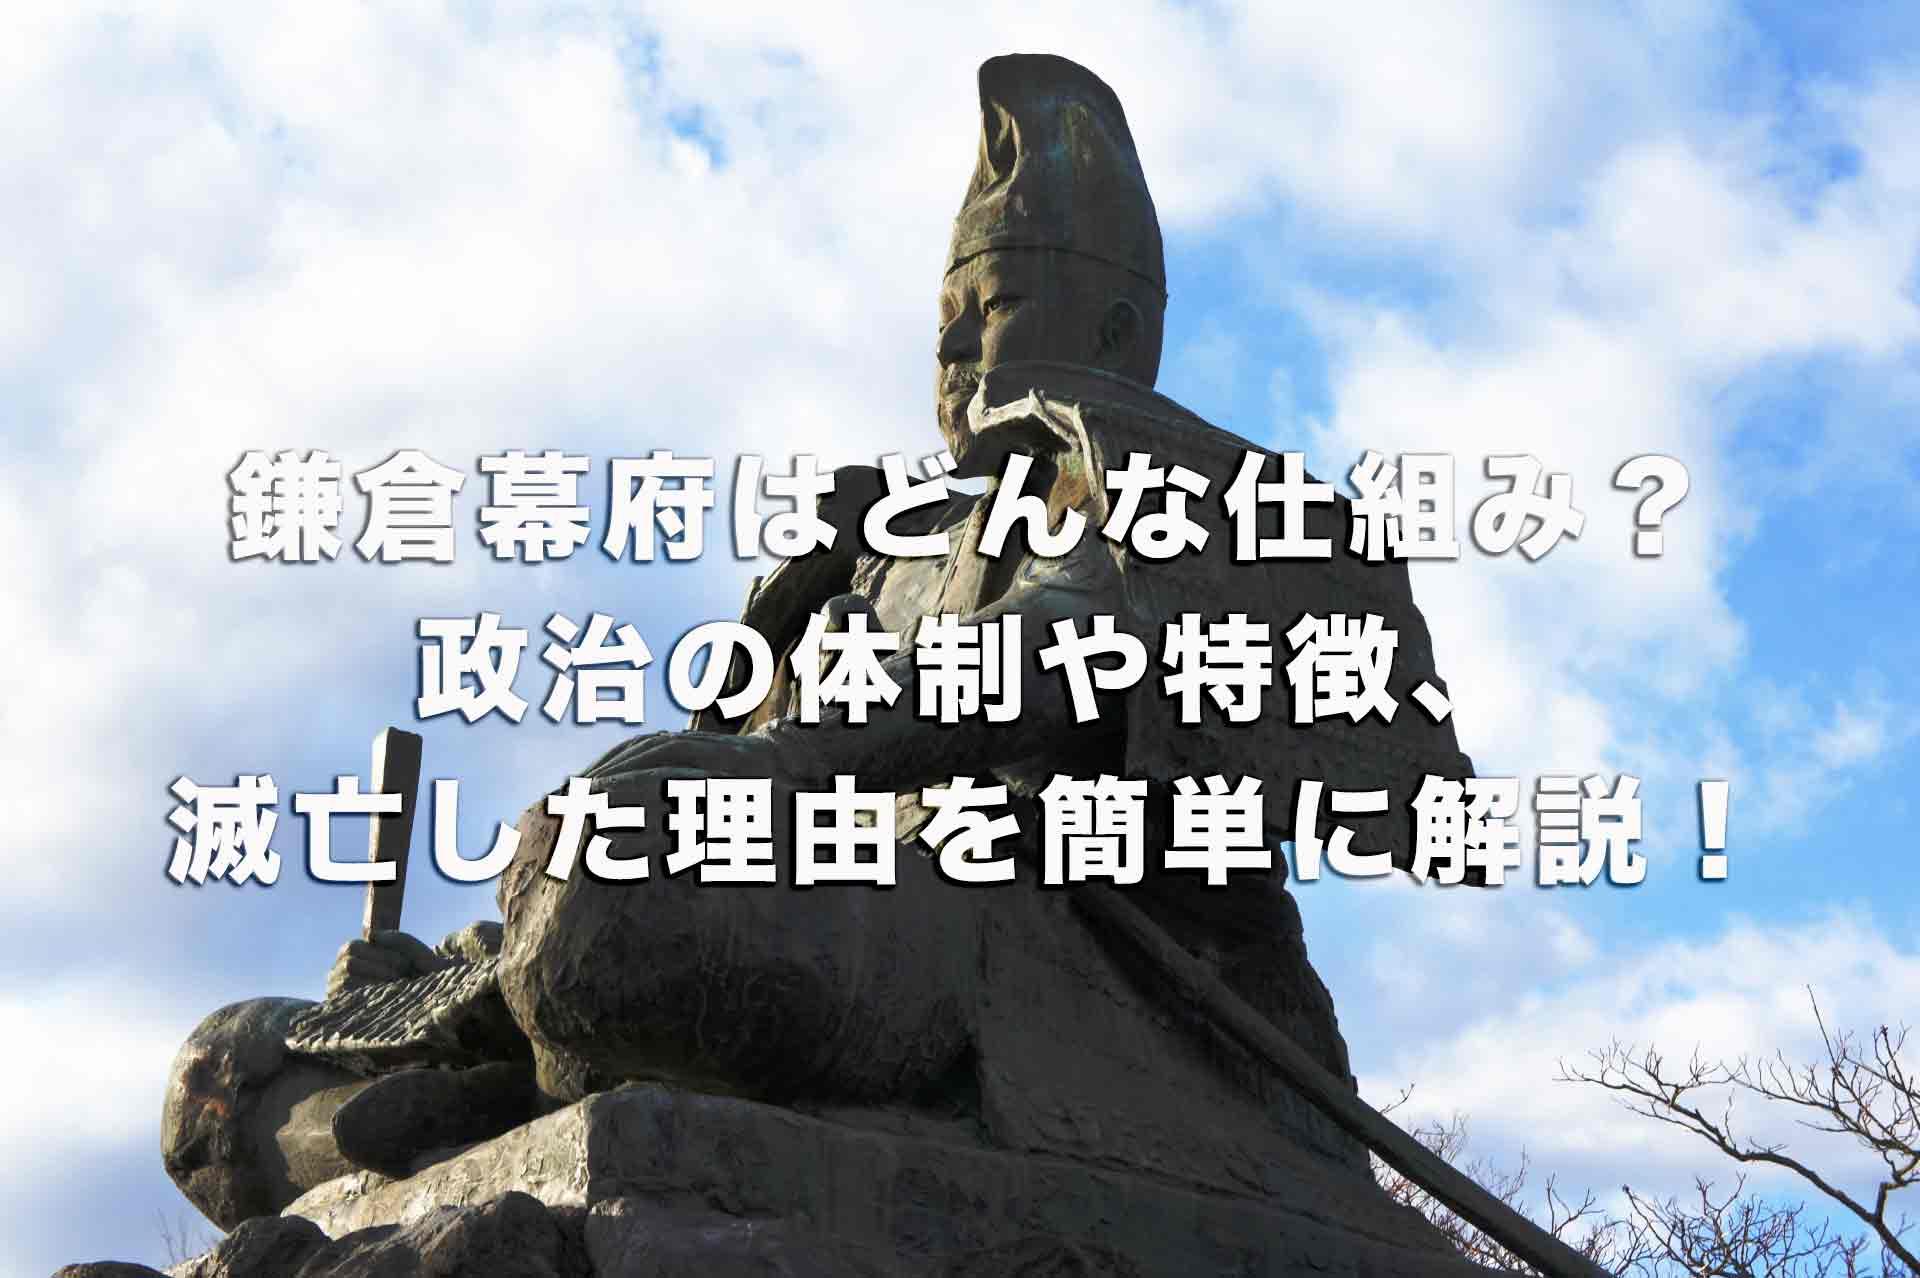 鎌倉幕府はどんな仕組みだった?政治の体制や特徴、滅亡した理由を簡単に解説!